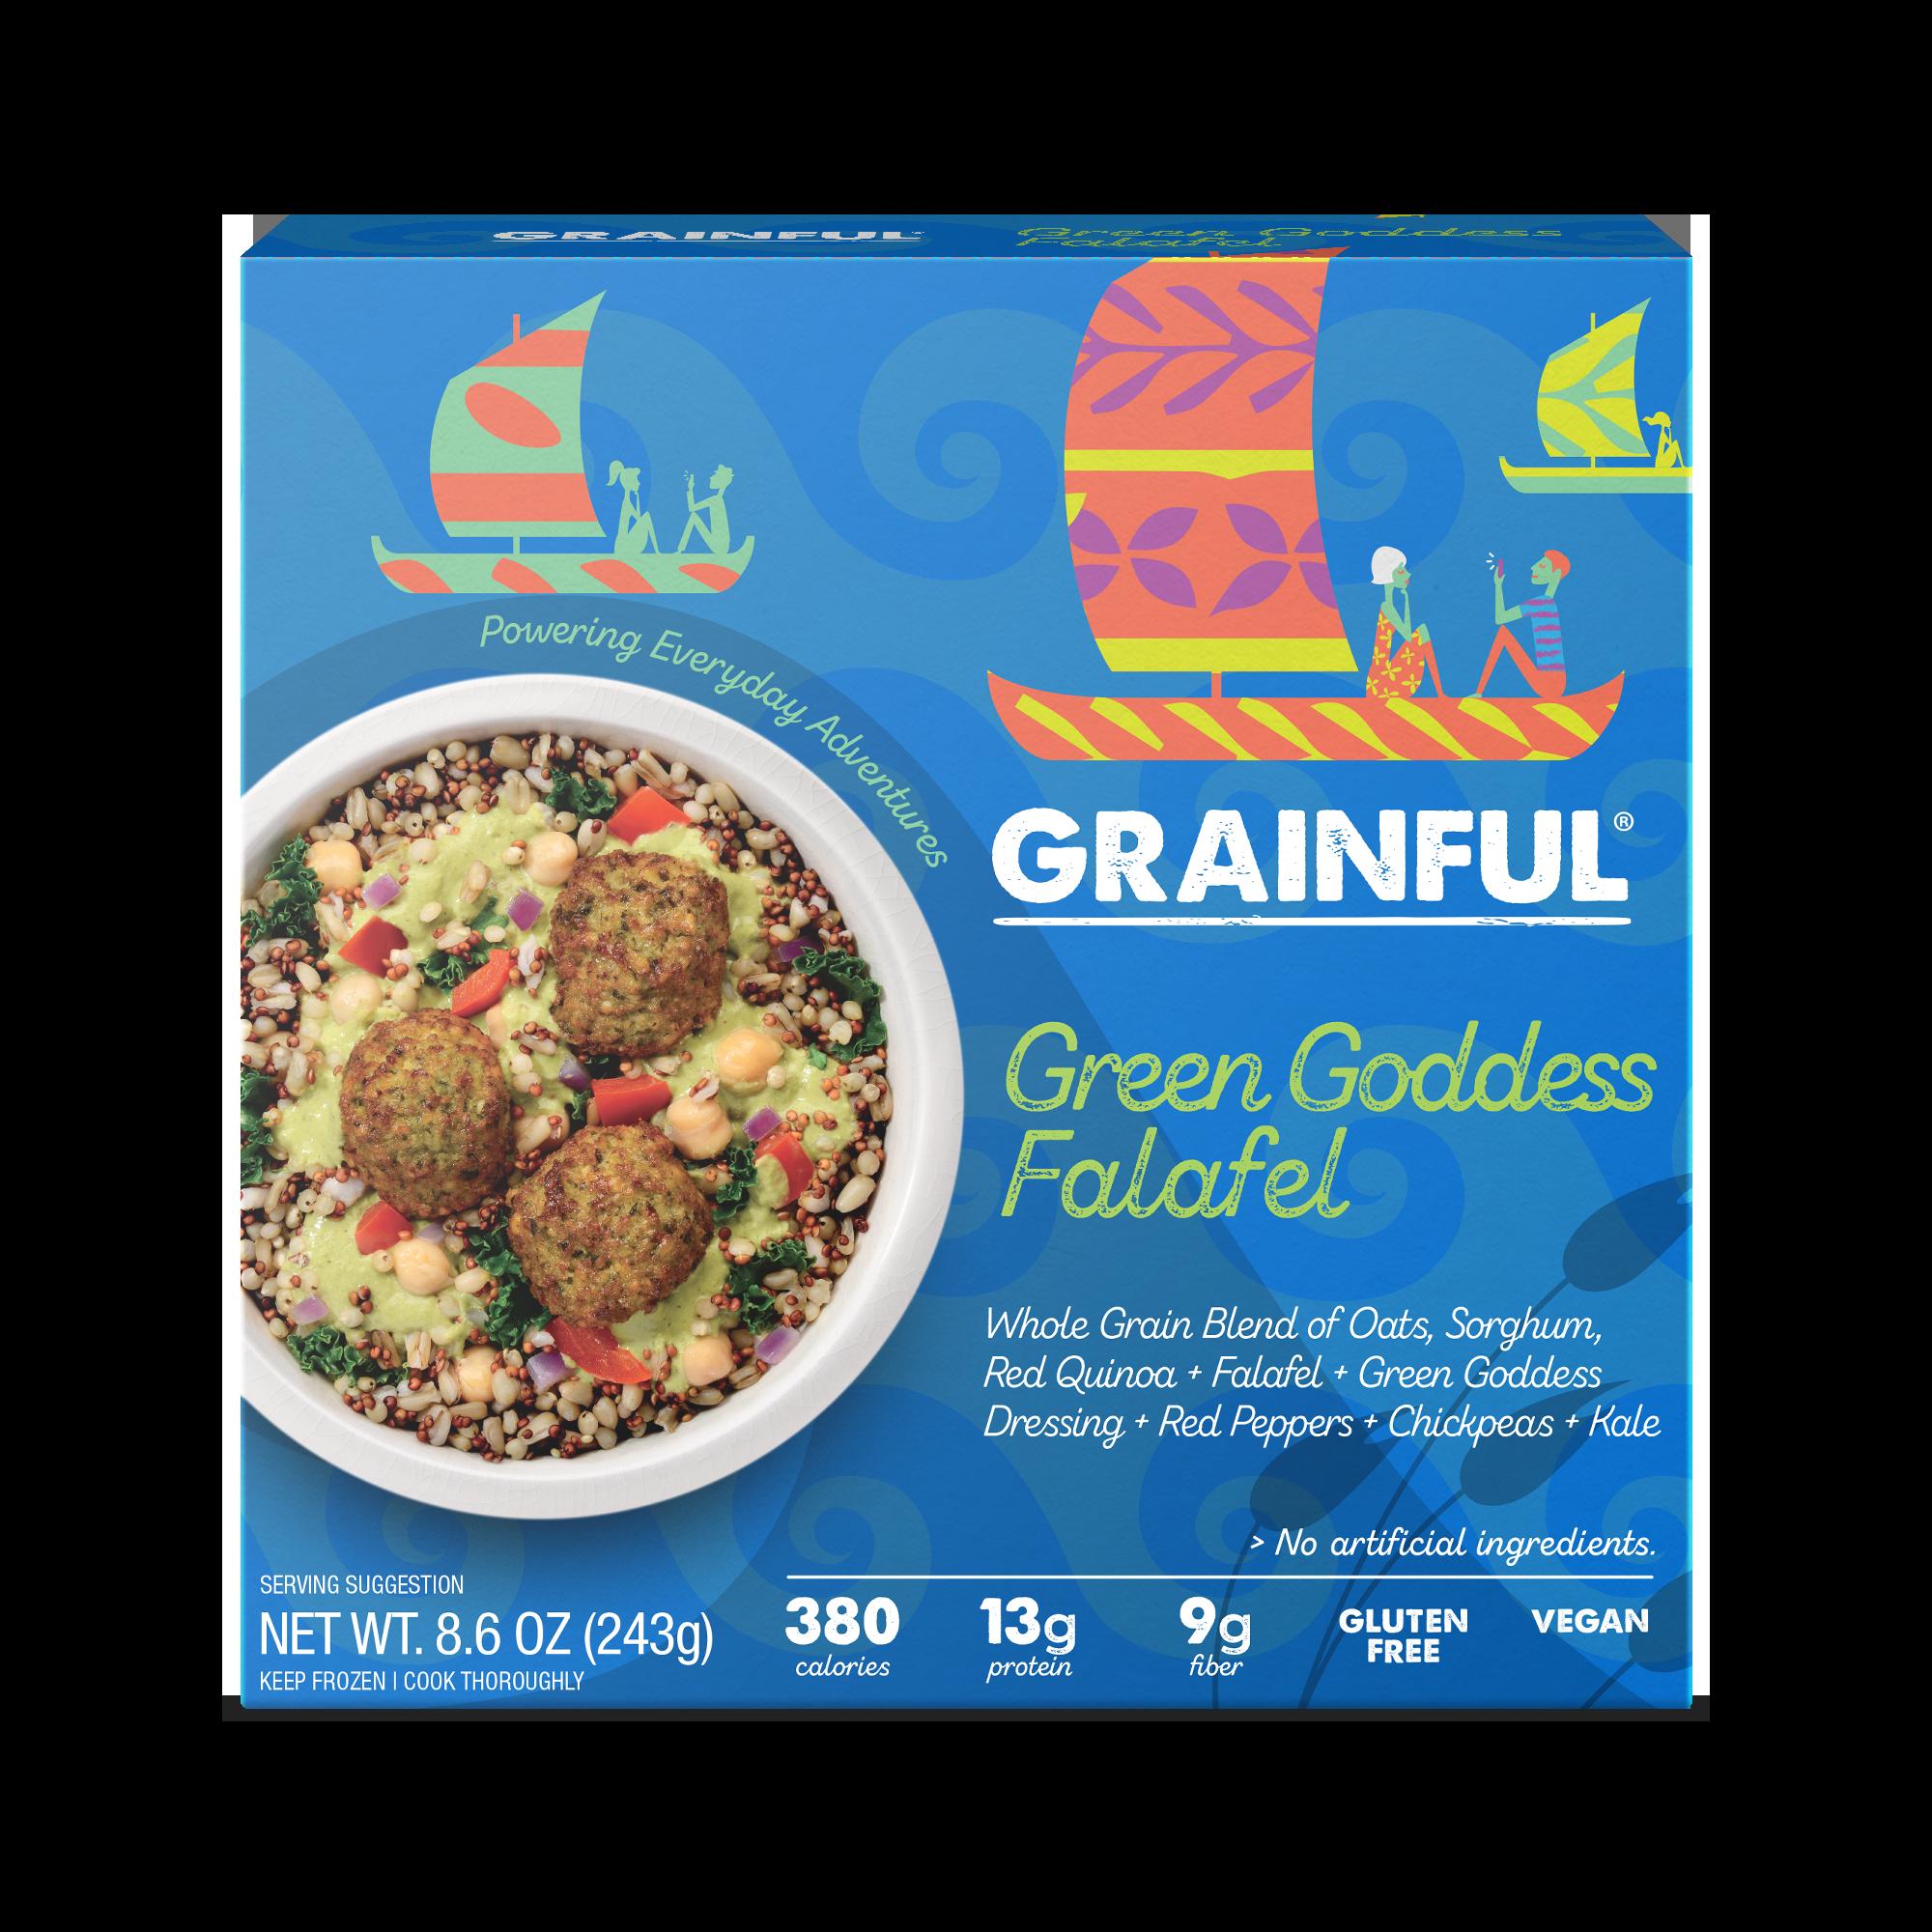 Grainful Target 3D Mockup_v1_Green Goddess Falafel.png